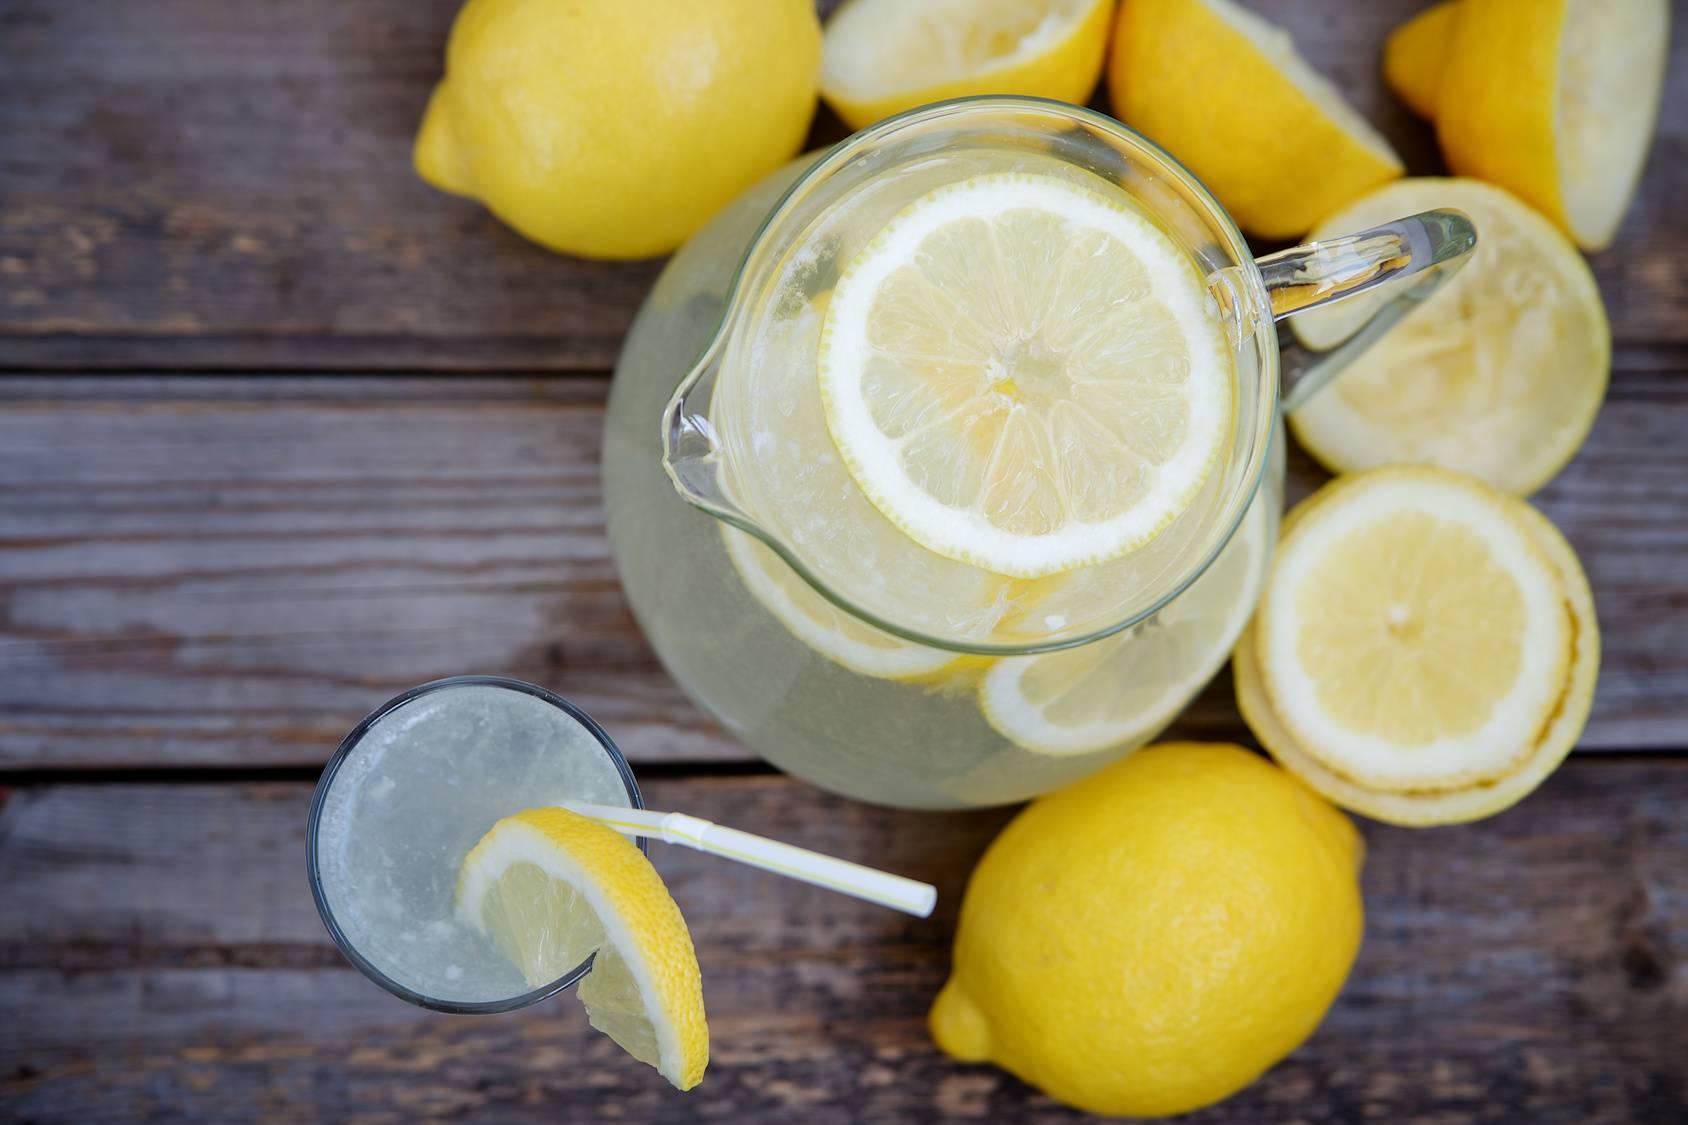 Польза и вред воды с лимоном: рецепты для оздоровления организма